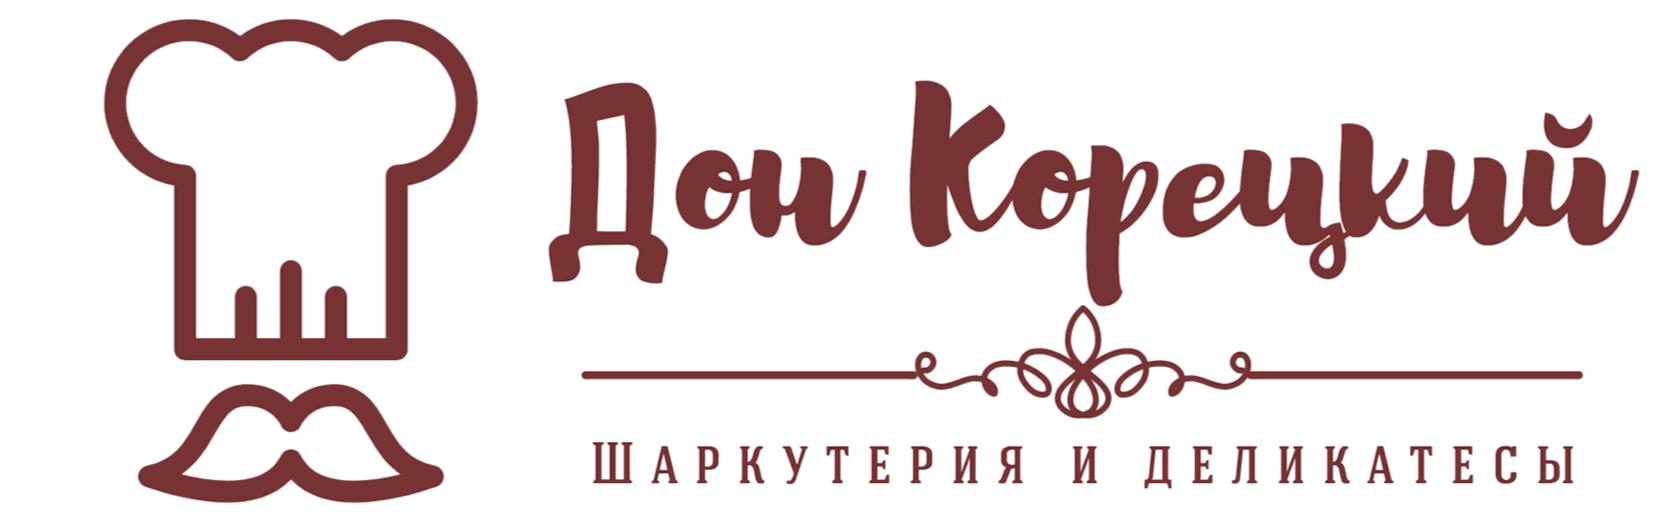 Дон Корецкий